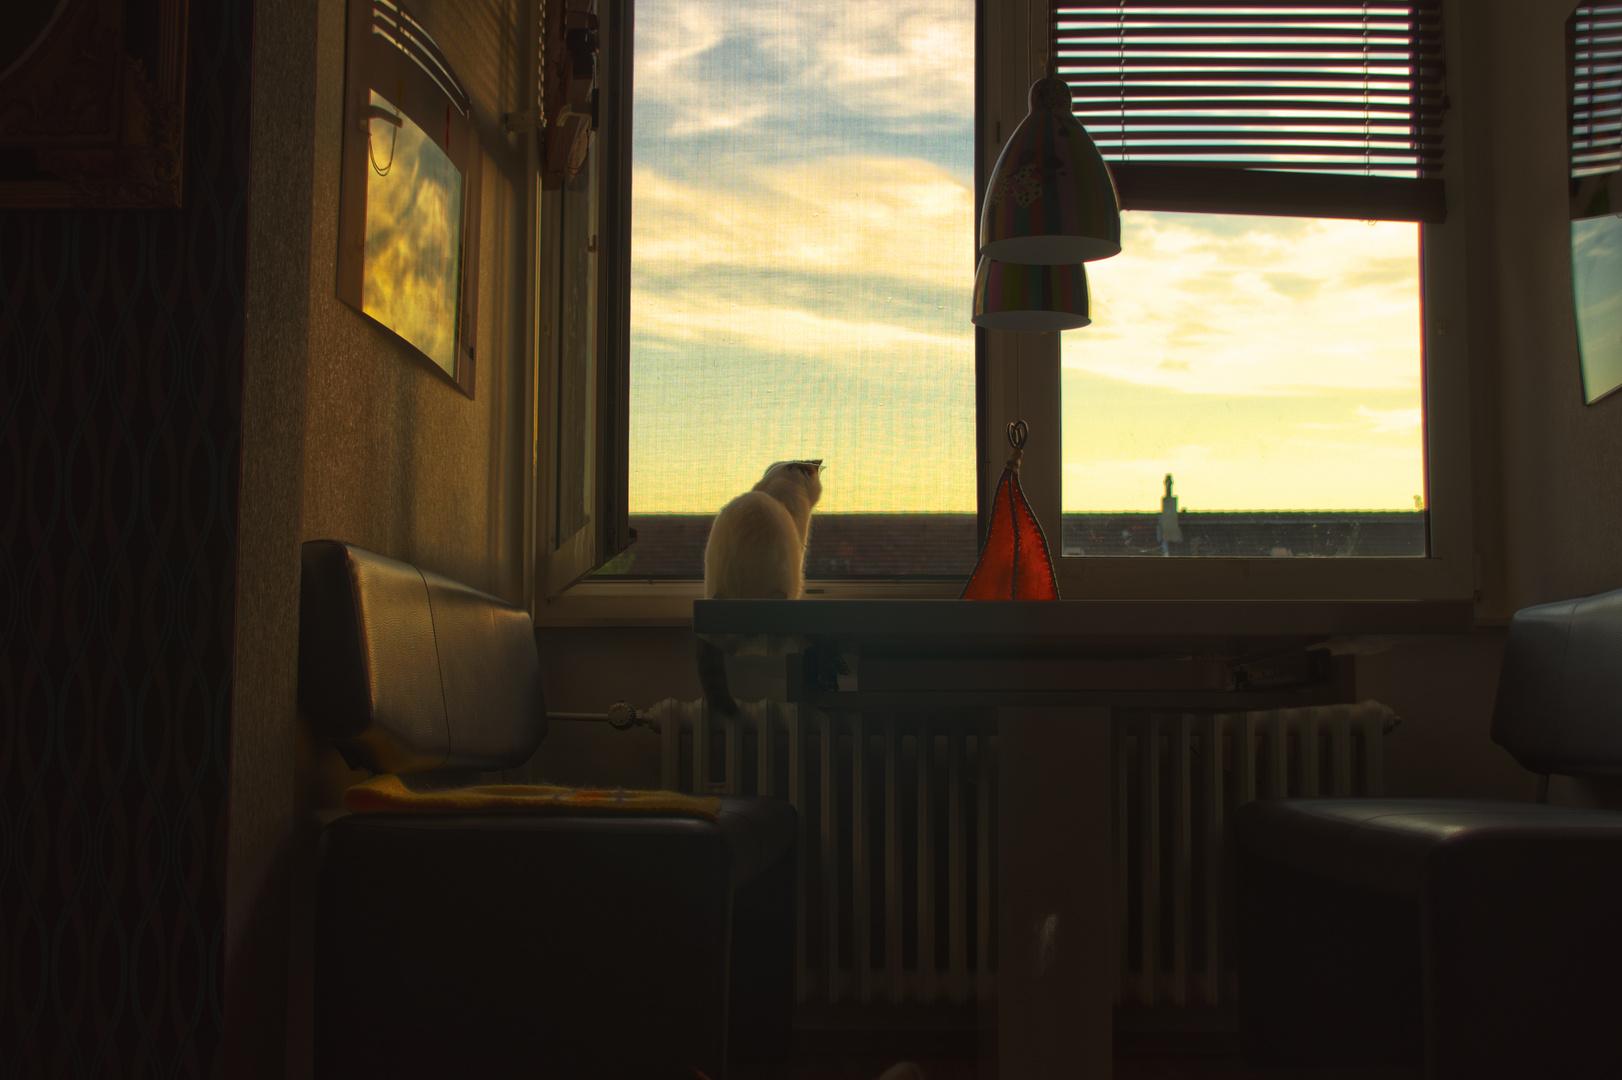 Ein Nachmittag am Fenster